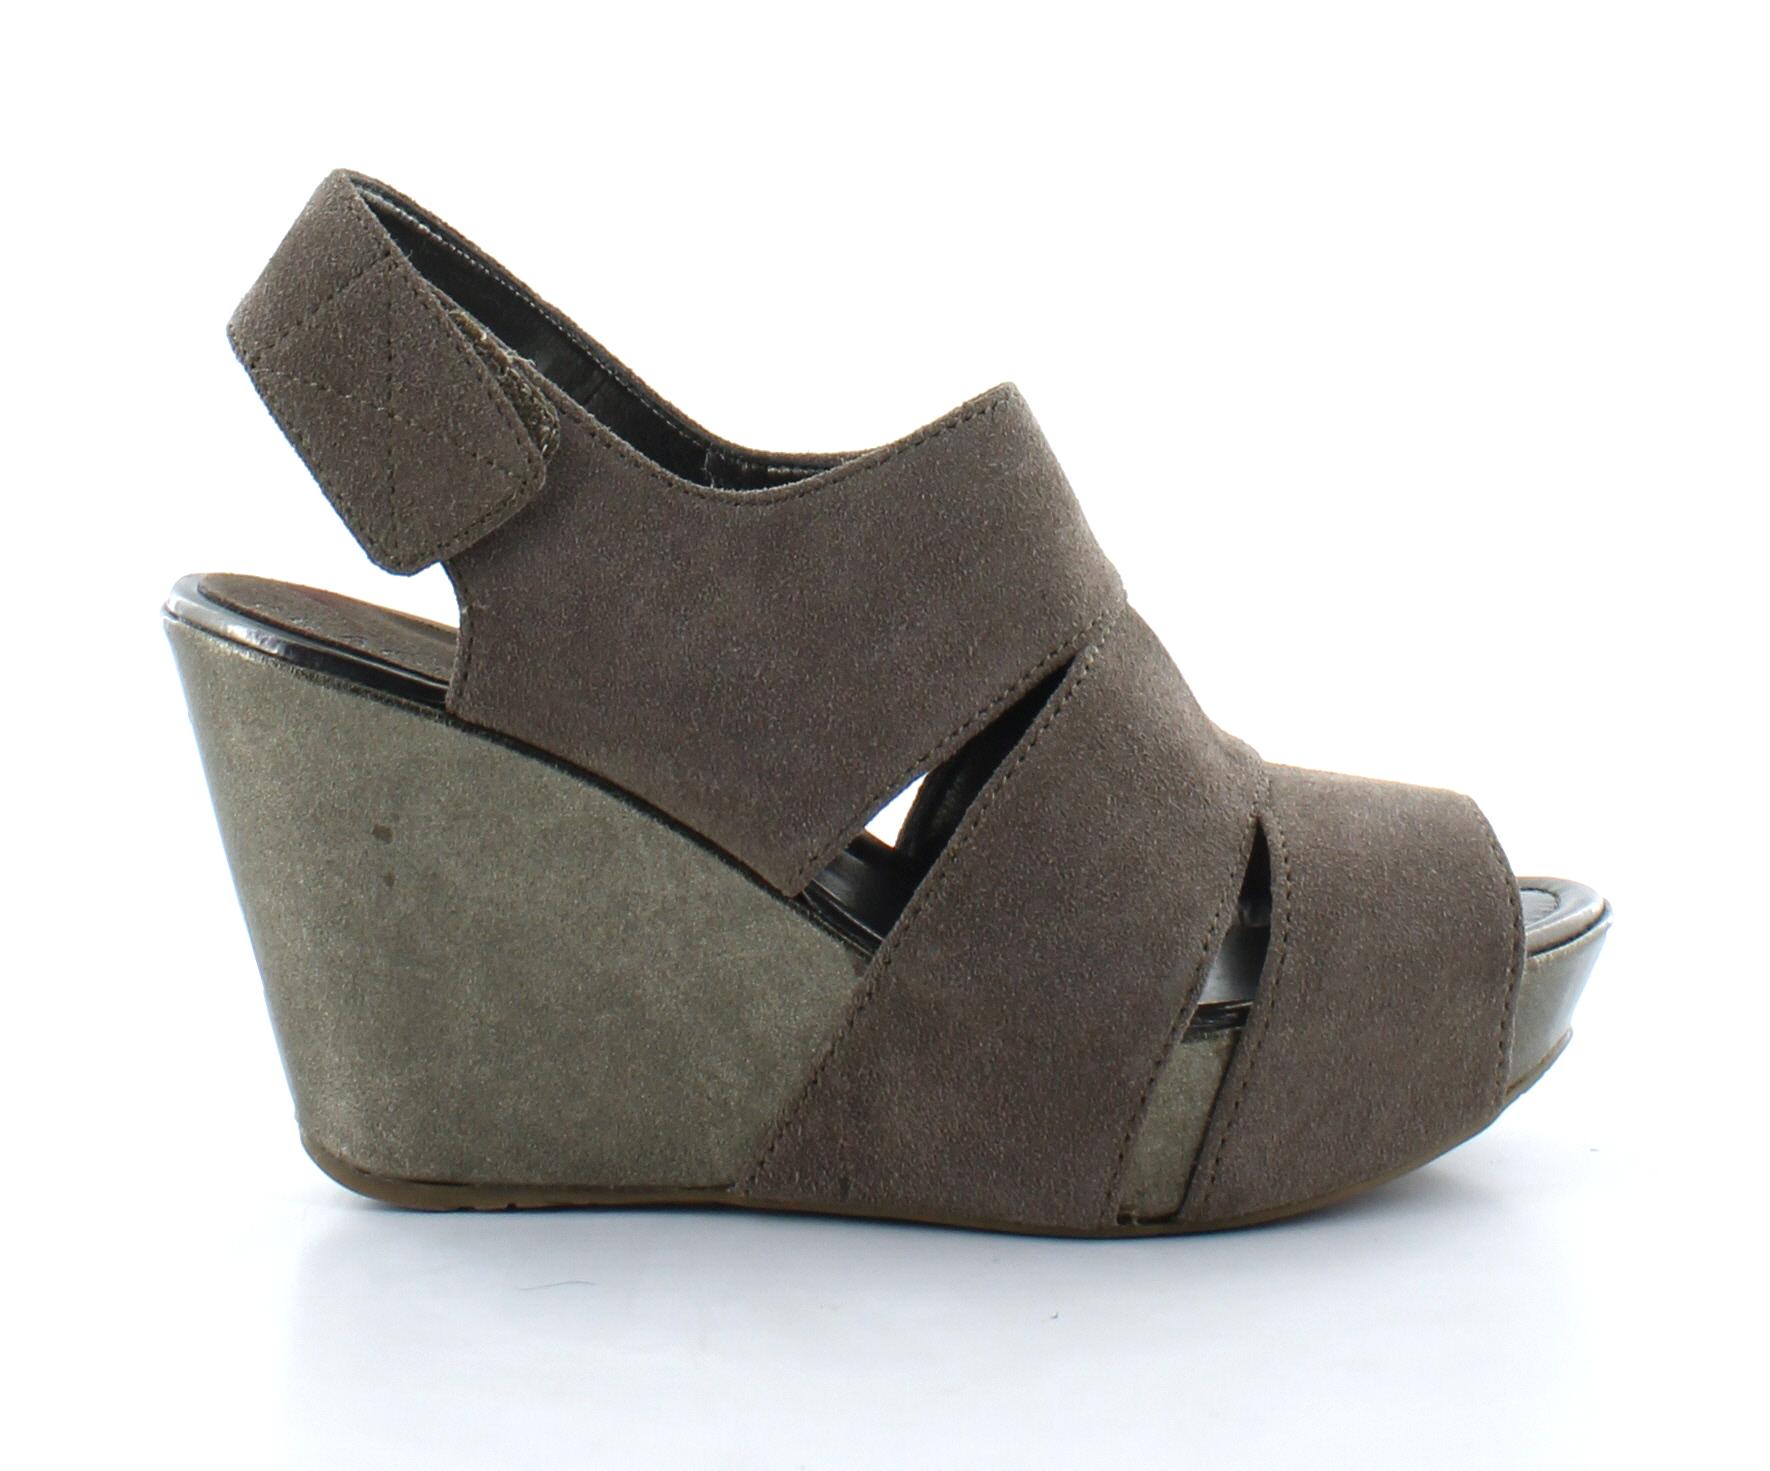 Wonderful Kenneth Cole Kenneth Cole New York Womenu0026#39;s Clara Platform Pump Black 10 M US | Shoes - Shop It ...